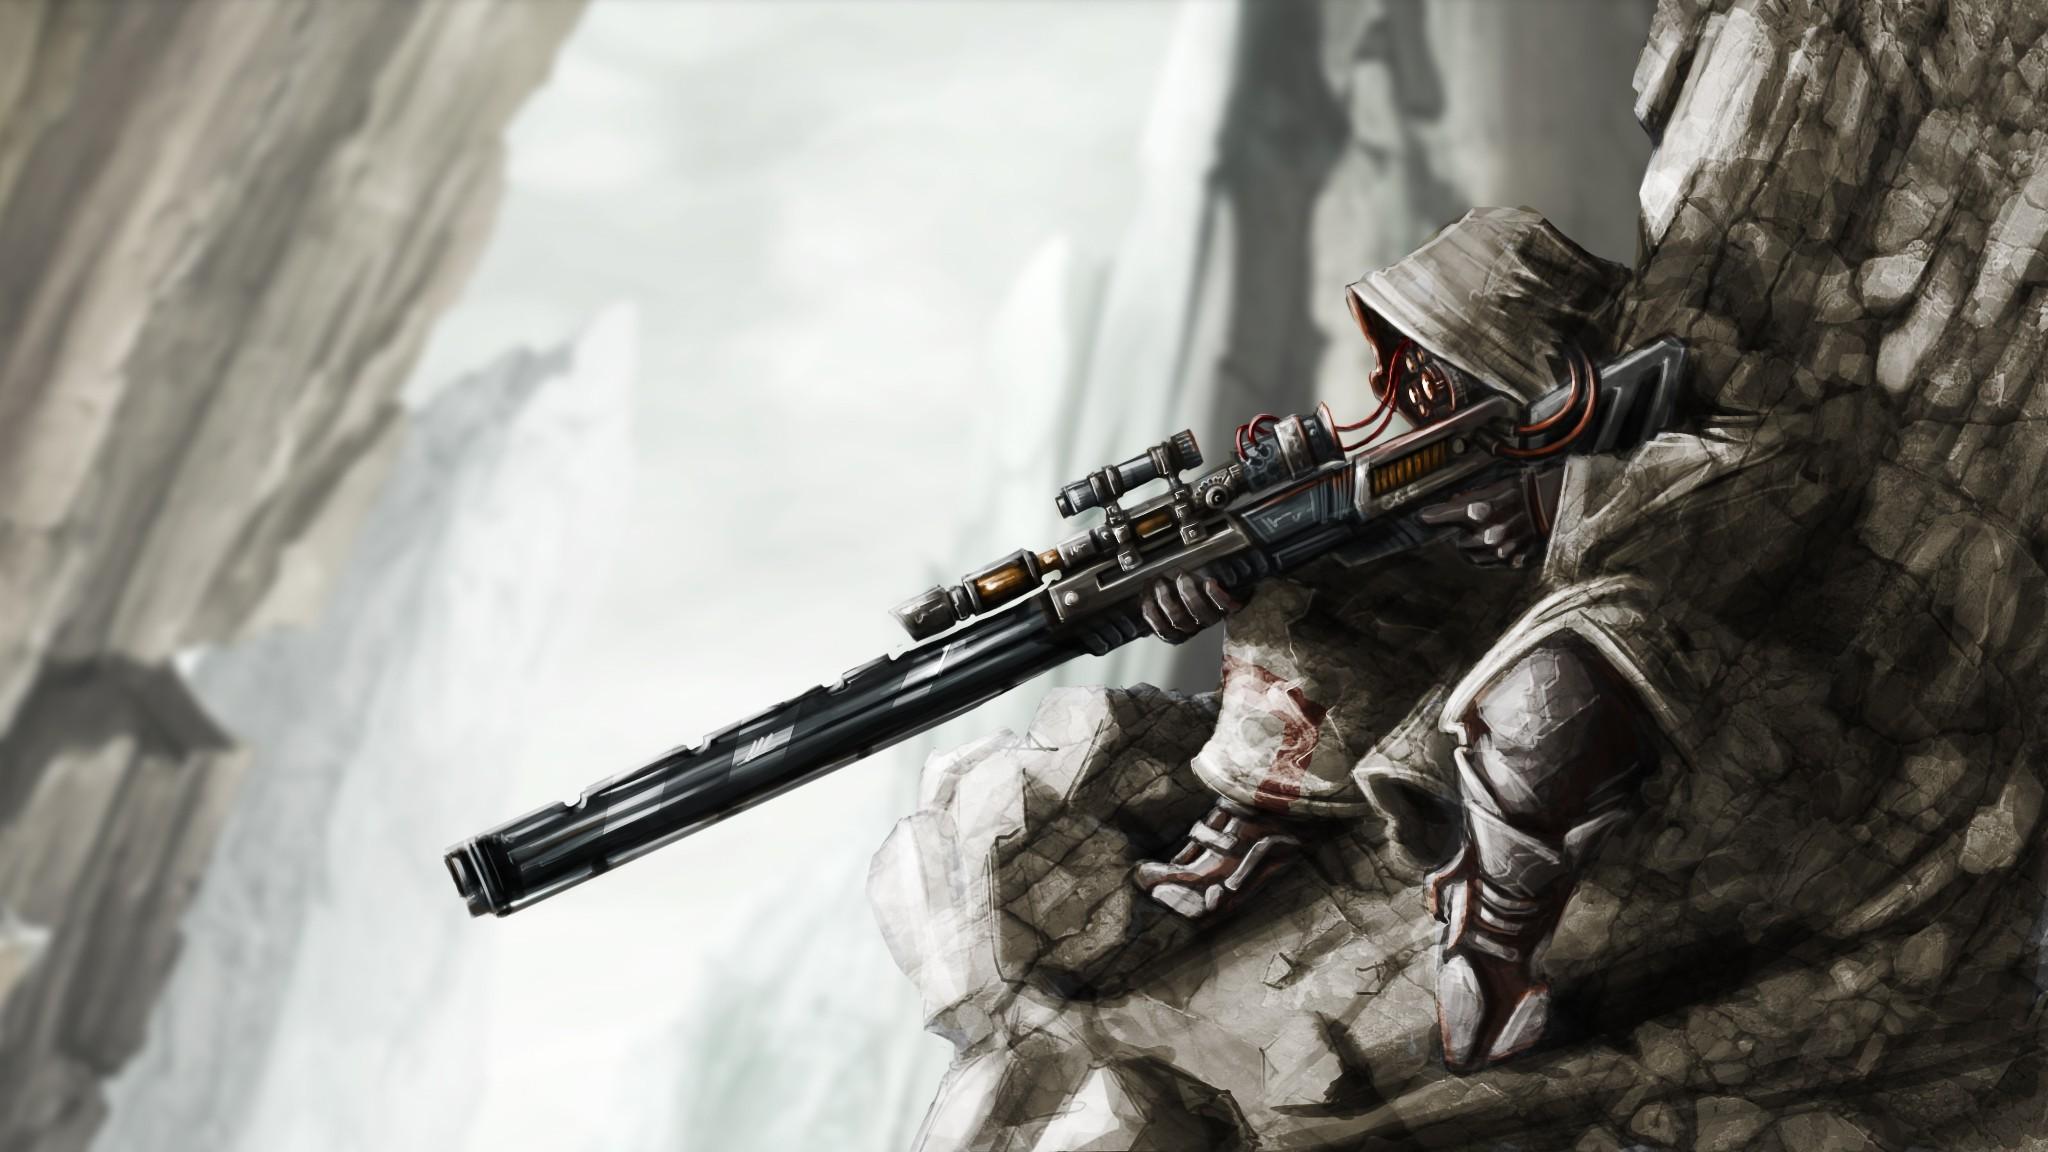 Fantasy Art Assault